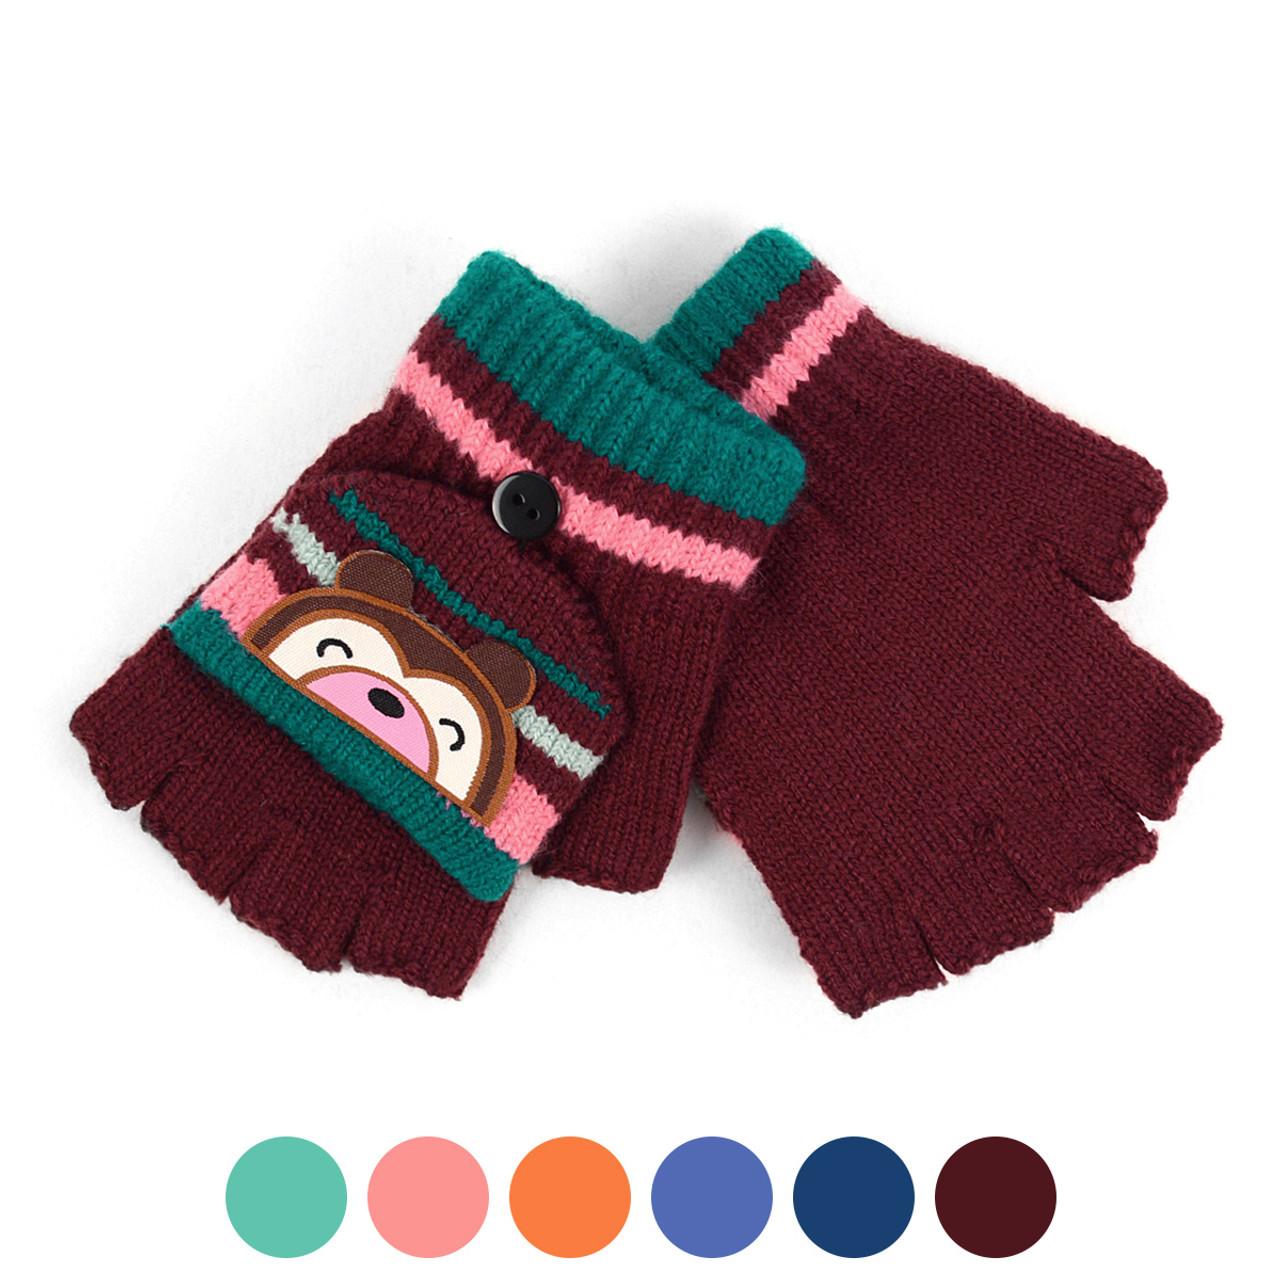 181abb21e83d Children s Knit Convertible Winter Mitten Gloves with Cute Bear Patch ...